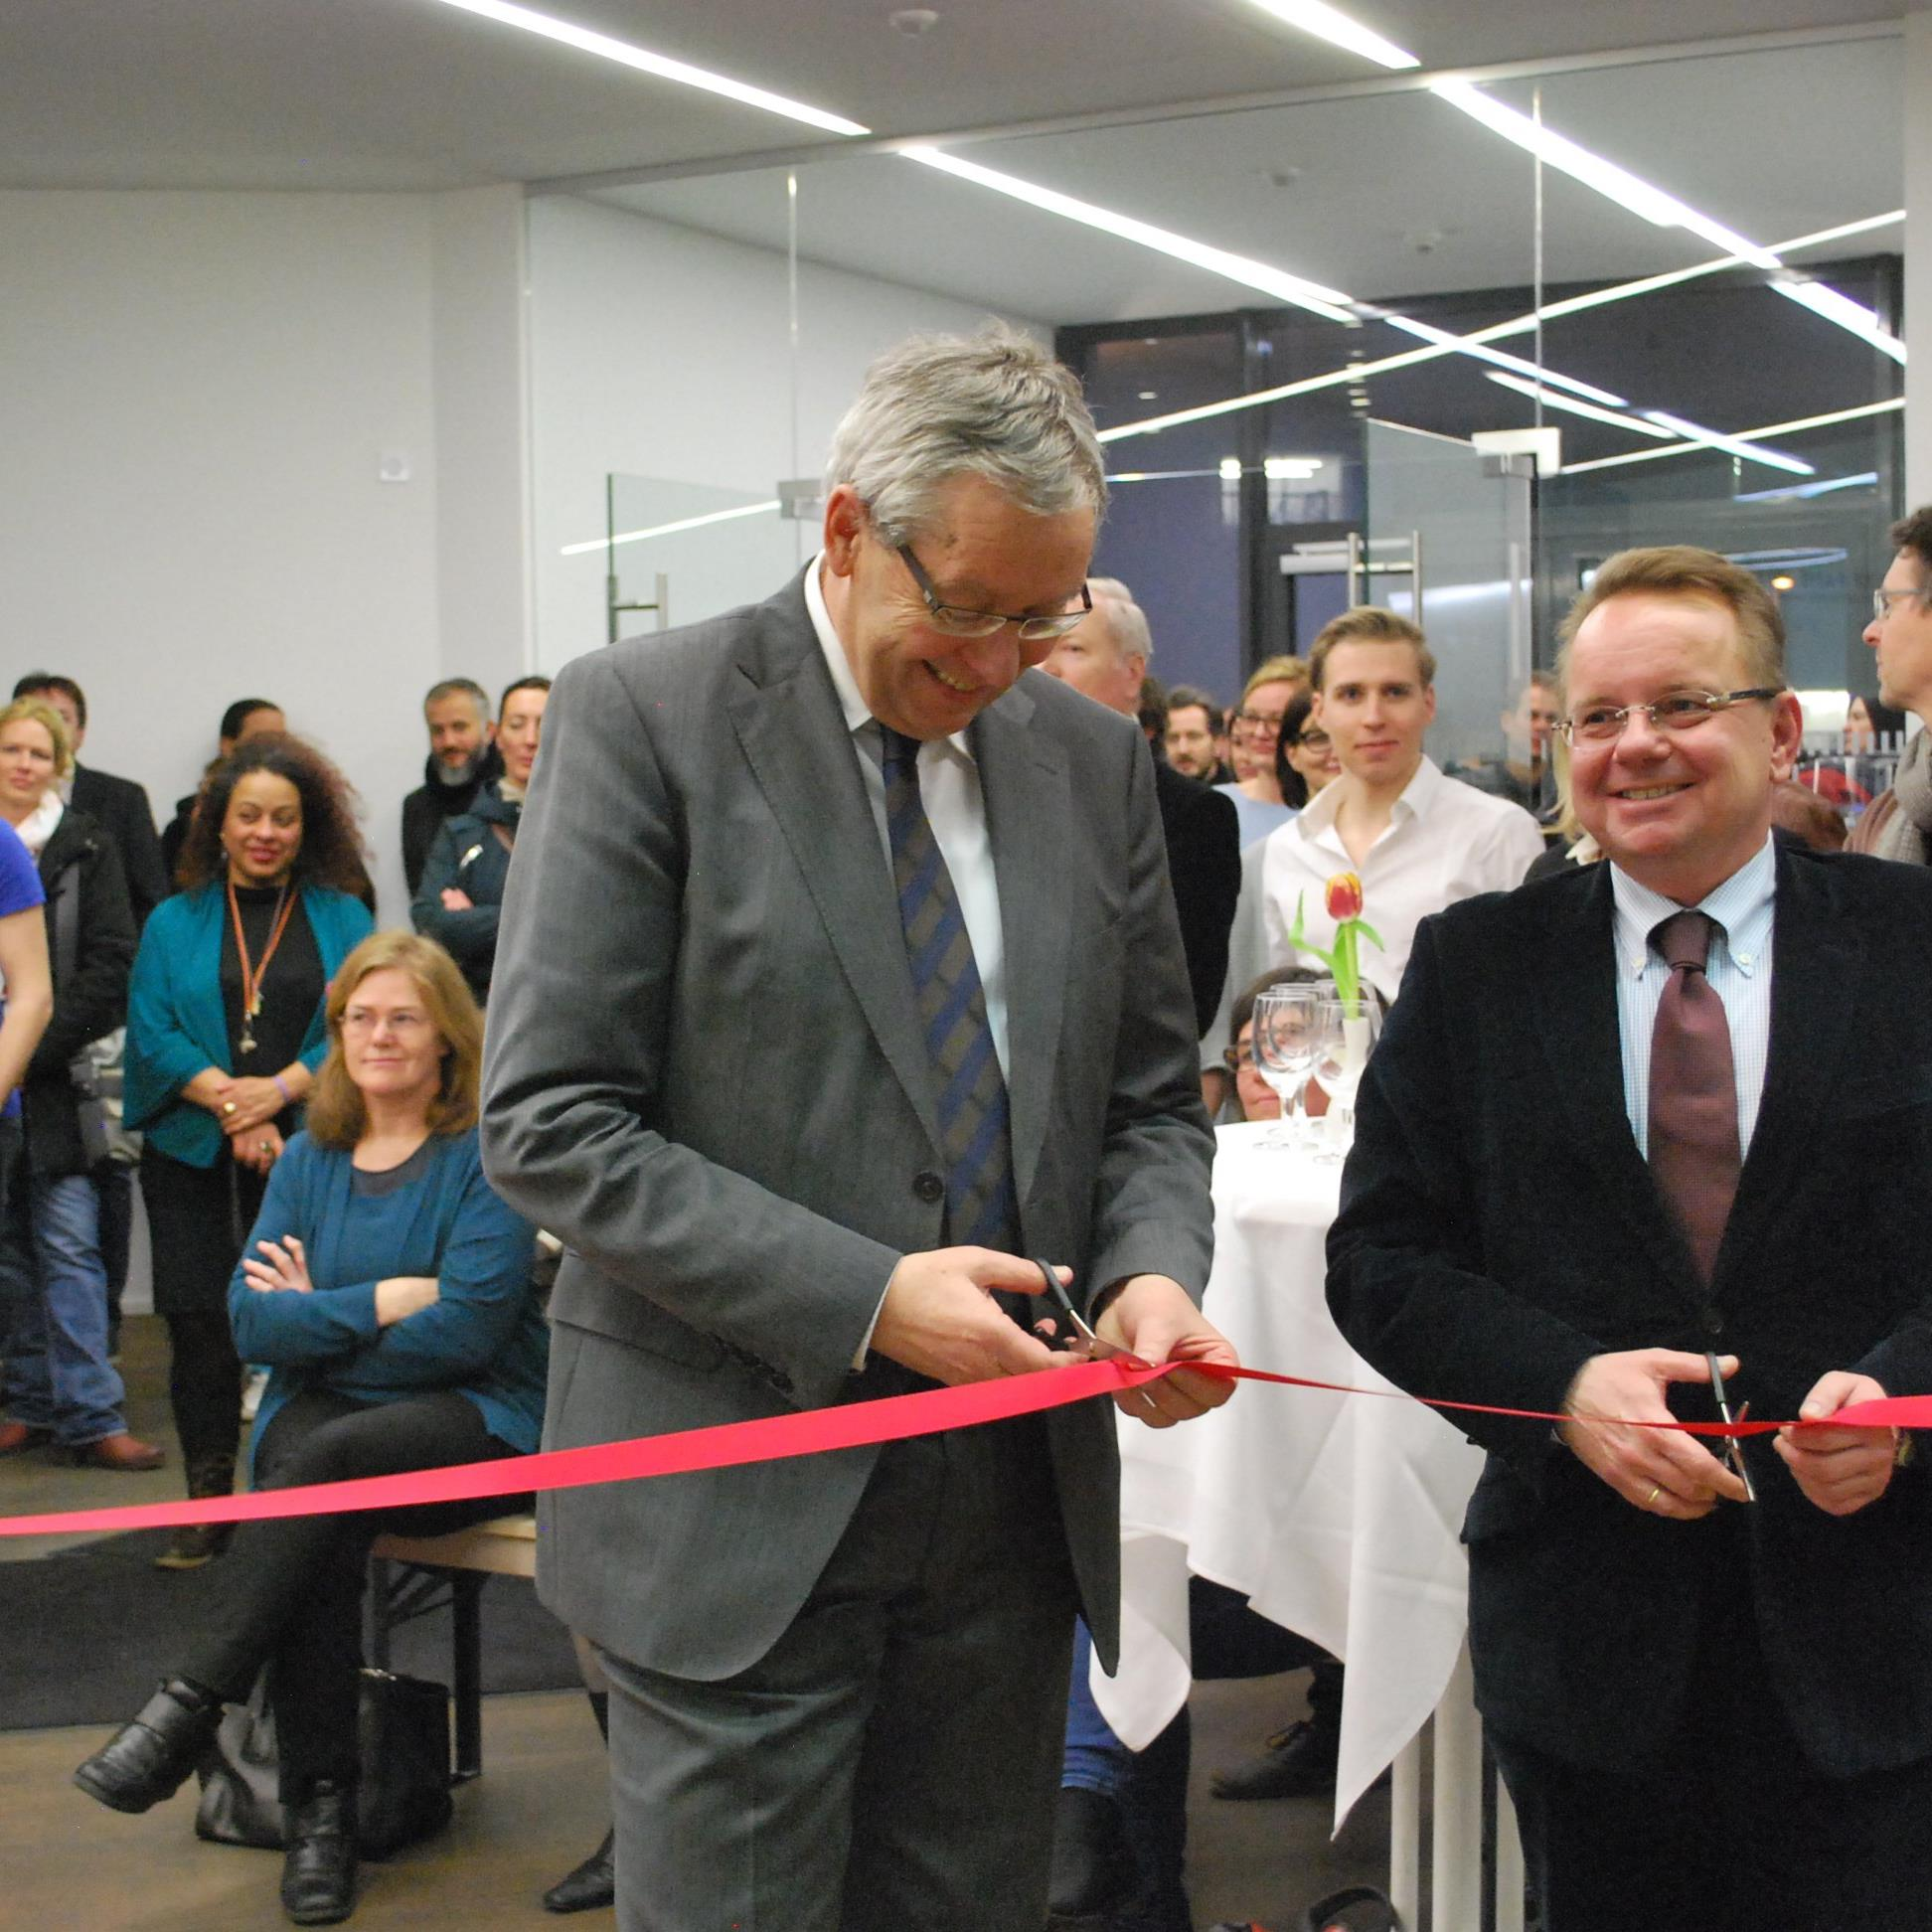 Die offizielle Eröffnung durch Karlheinz Rüdisser (l) und Thomas Kohlert